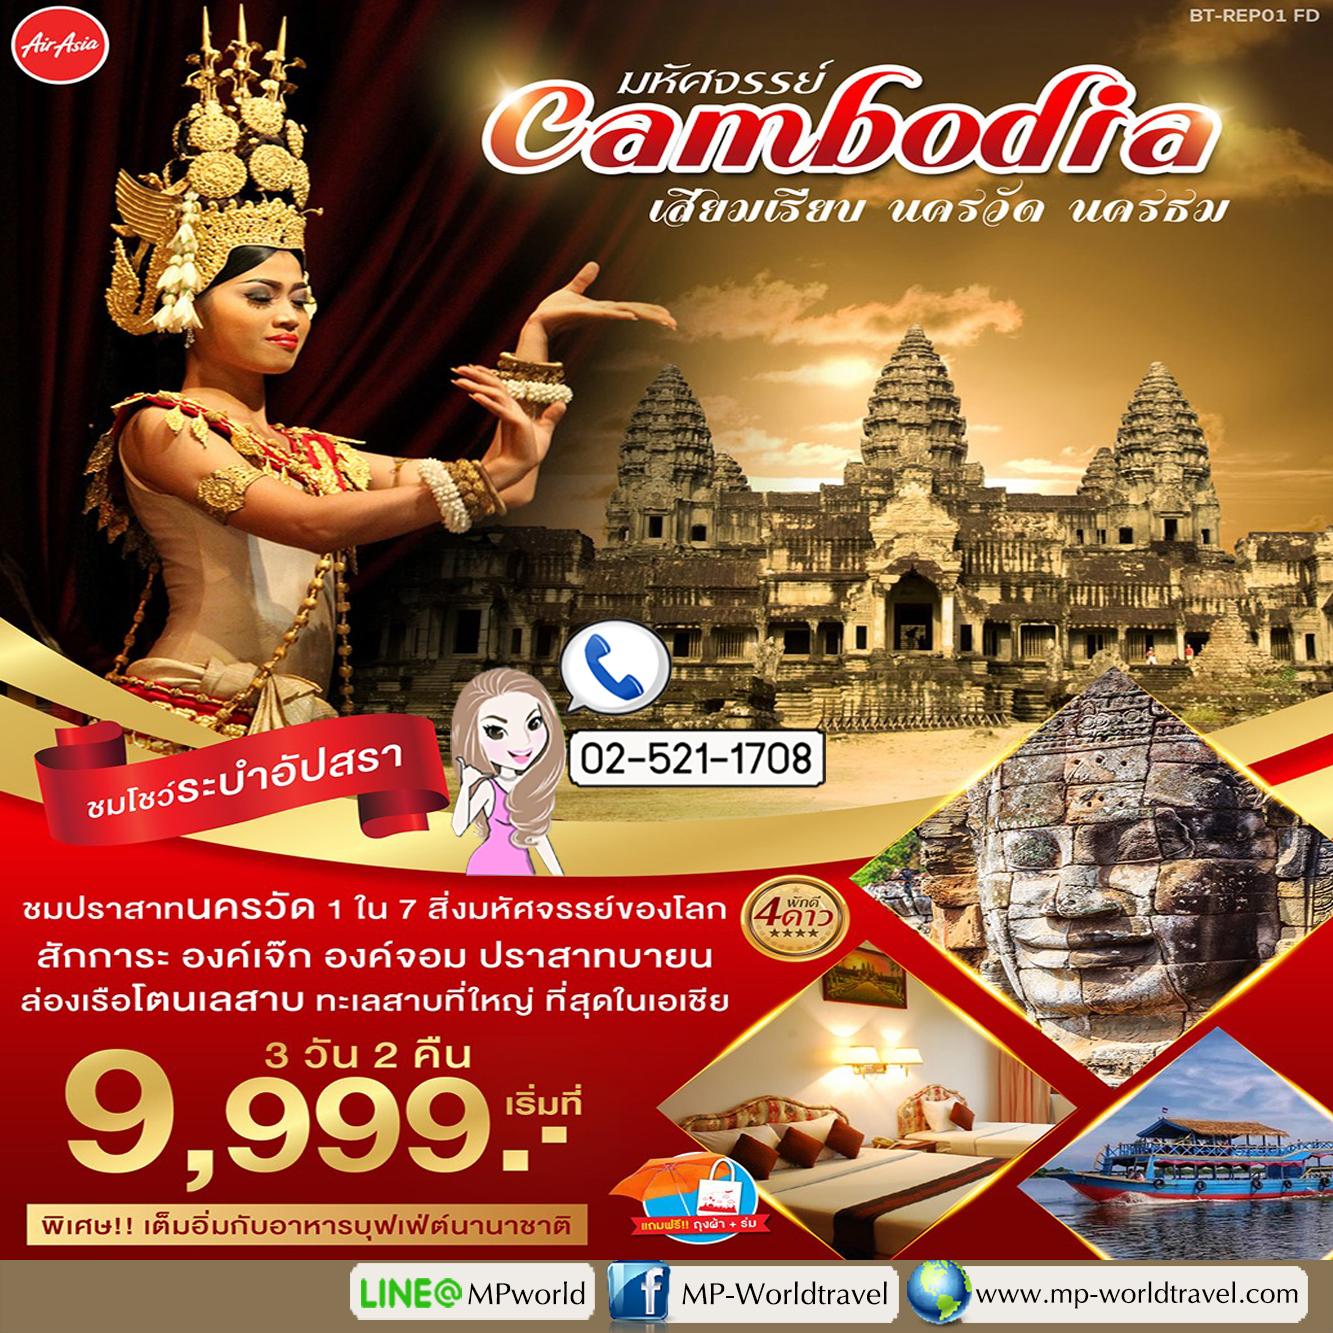 ทัวร์กัมพูชา มหัศจรรย์ Cambodia เสียมเรียบ นครวัด นครธม 3วัน2 คืน